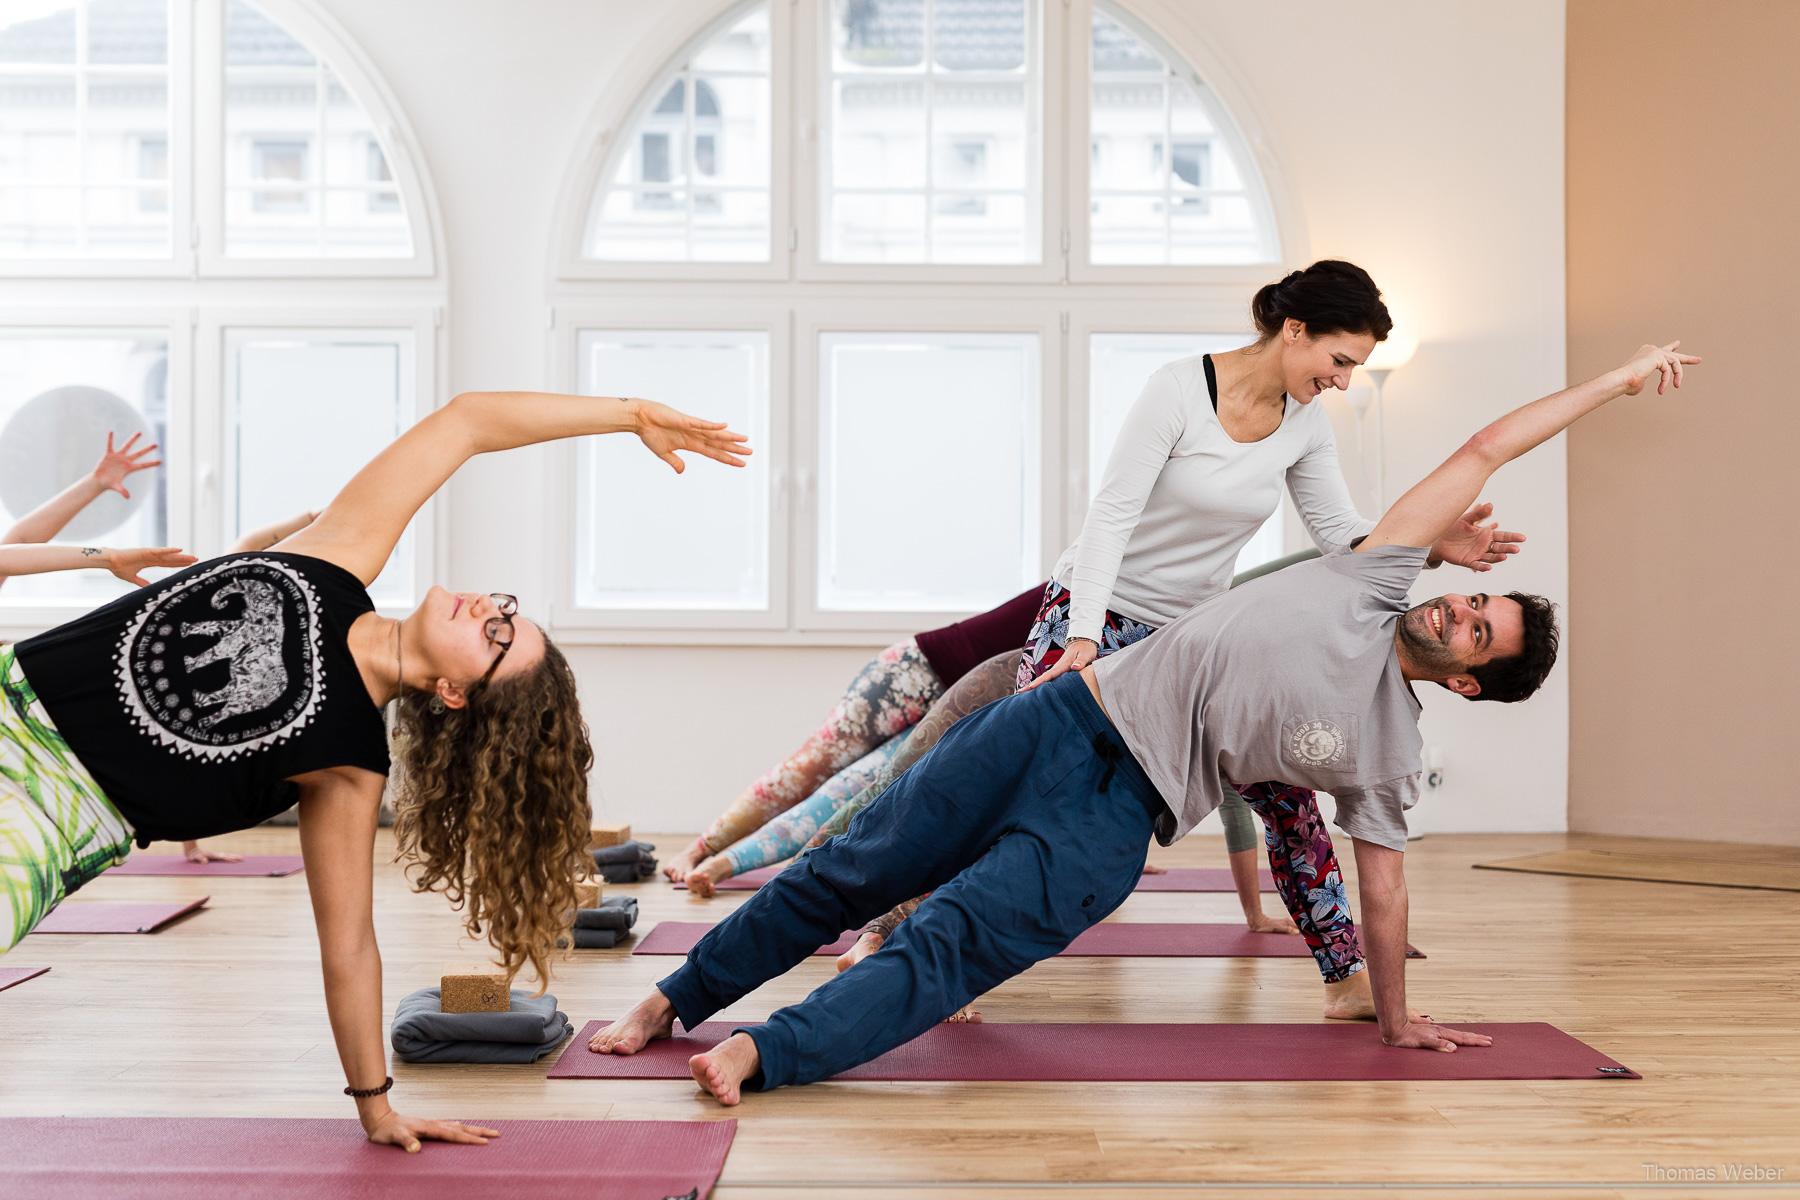 Werbefotos für das Yogaloft Oldenburg, Fotograf Thomas Weber aus Oldenburg